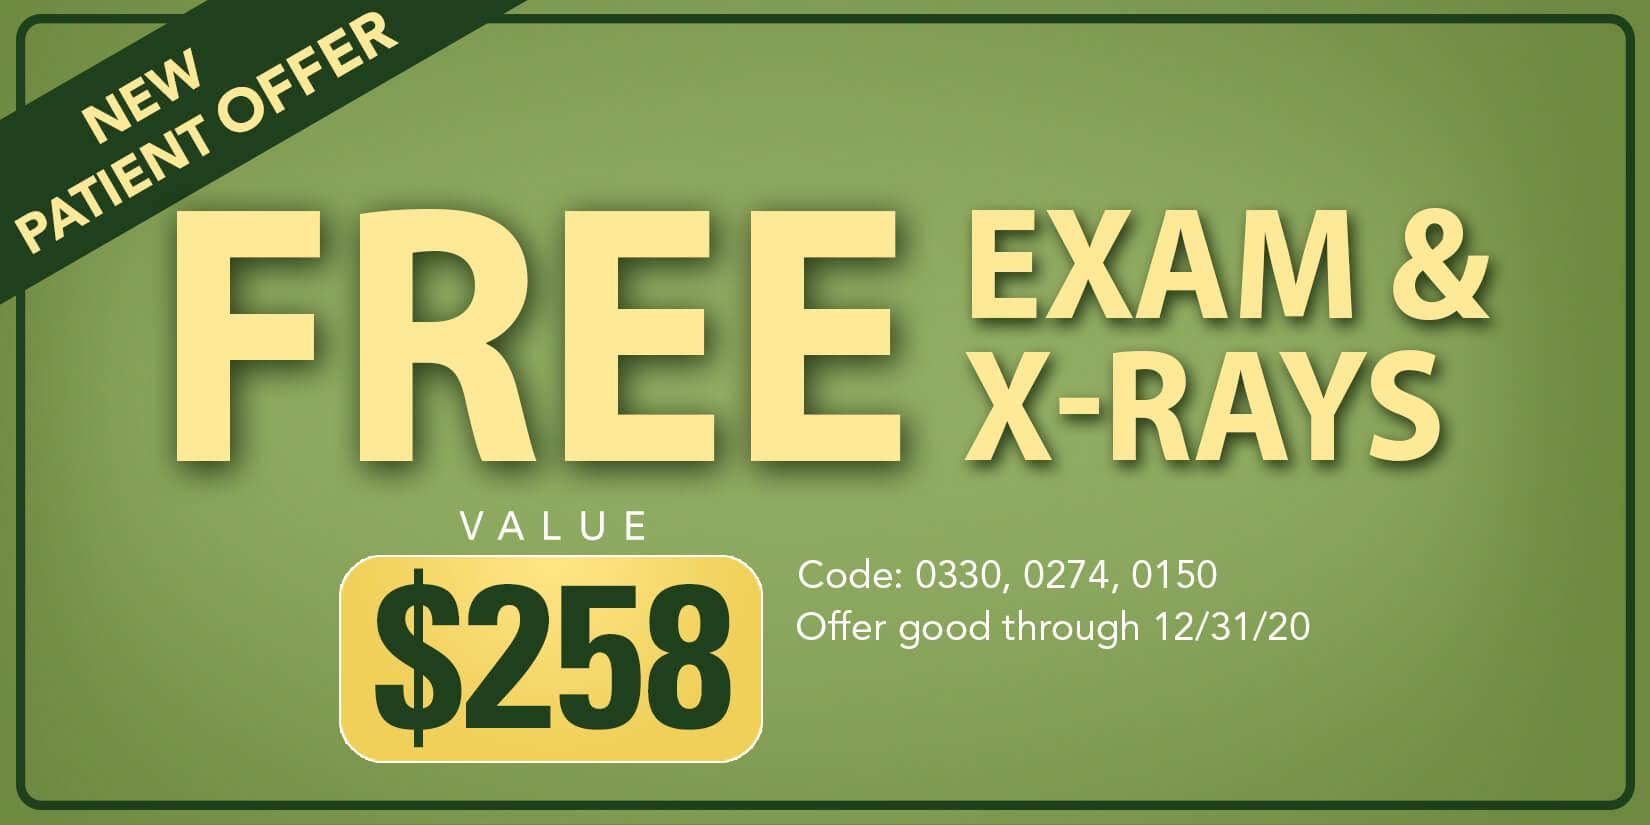 free exam and xrays